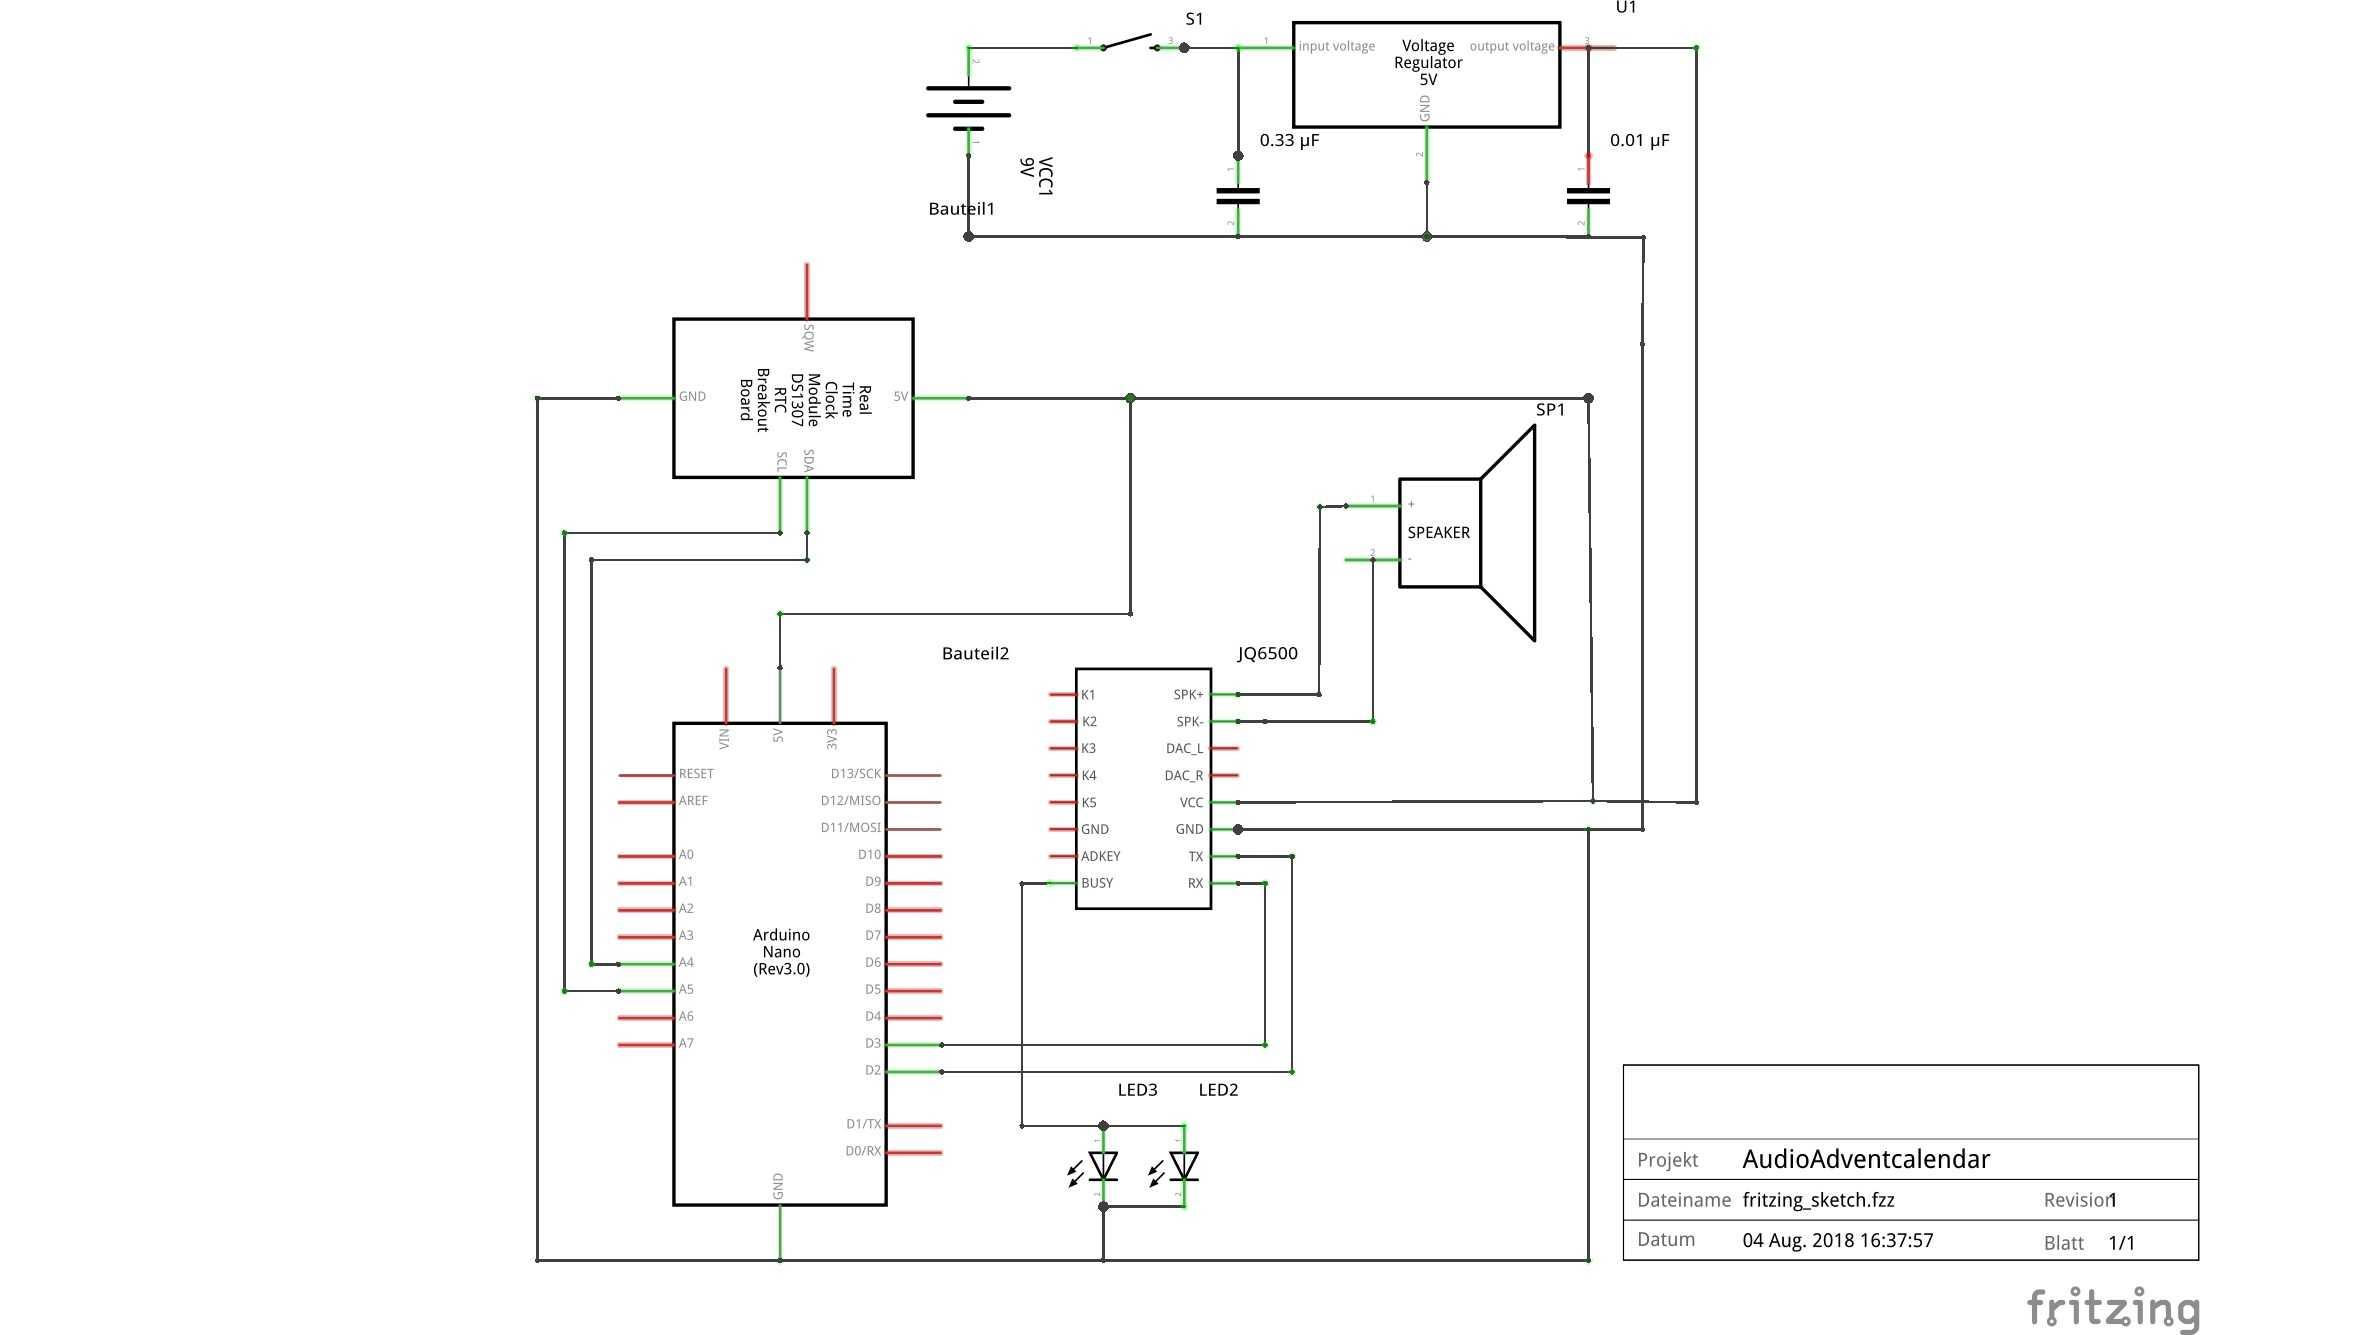 Fritzing-Schaltplan des Audio-Adventskalenders